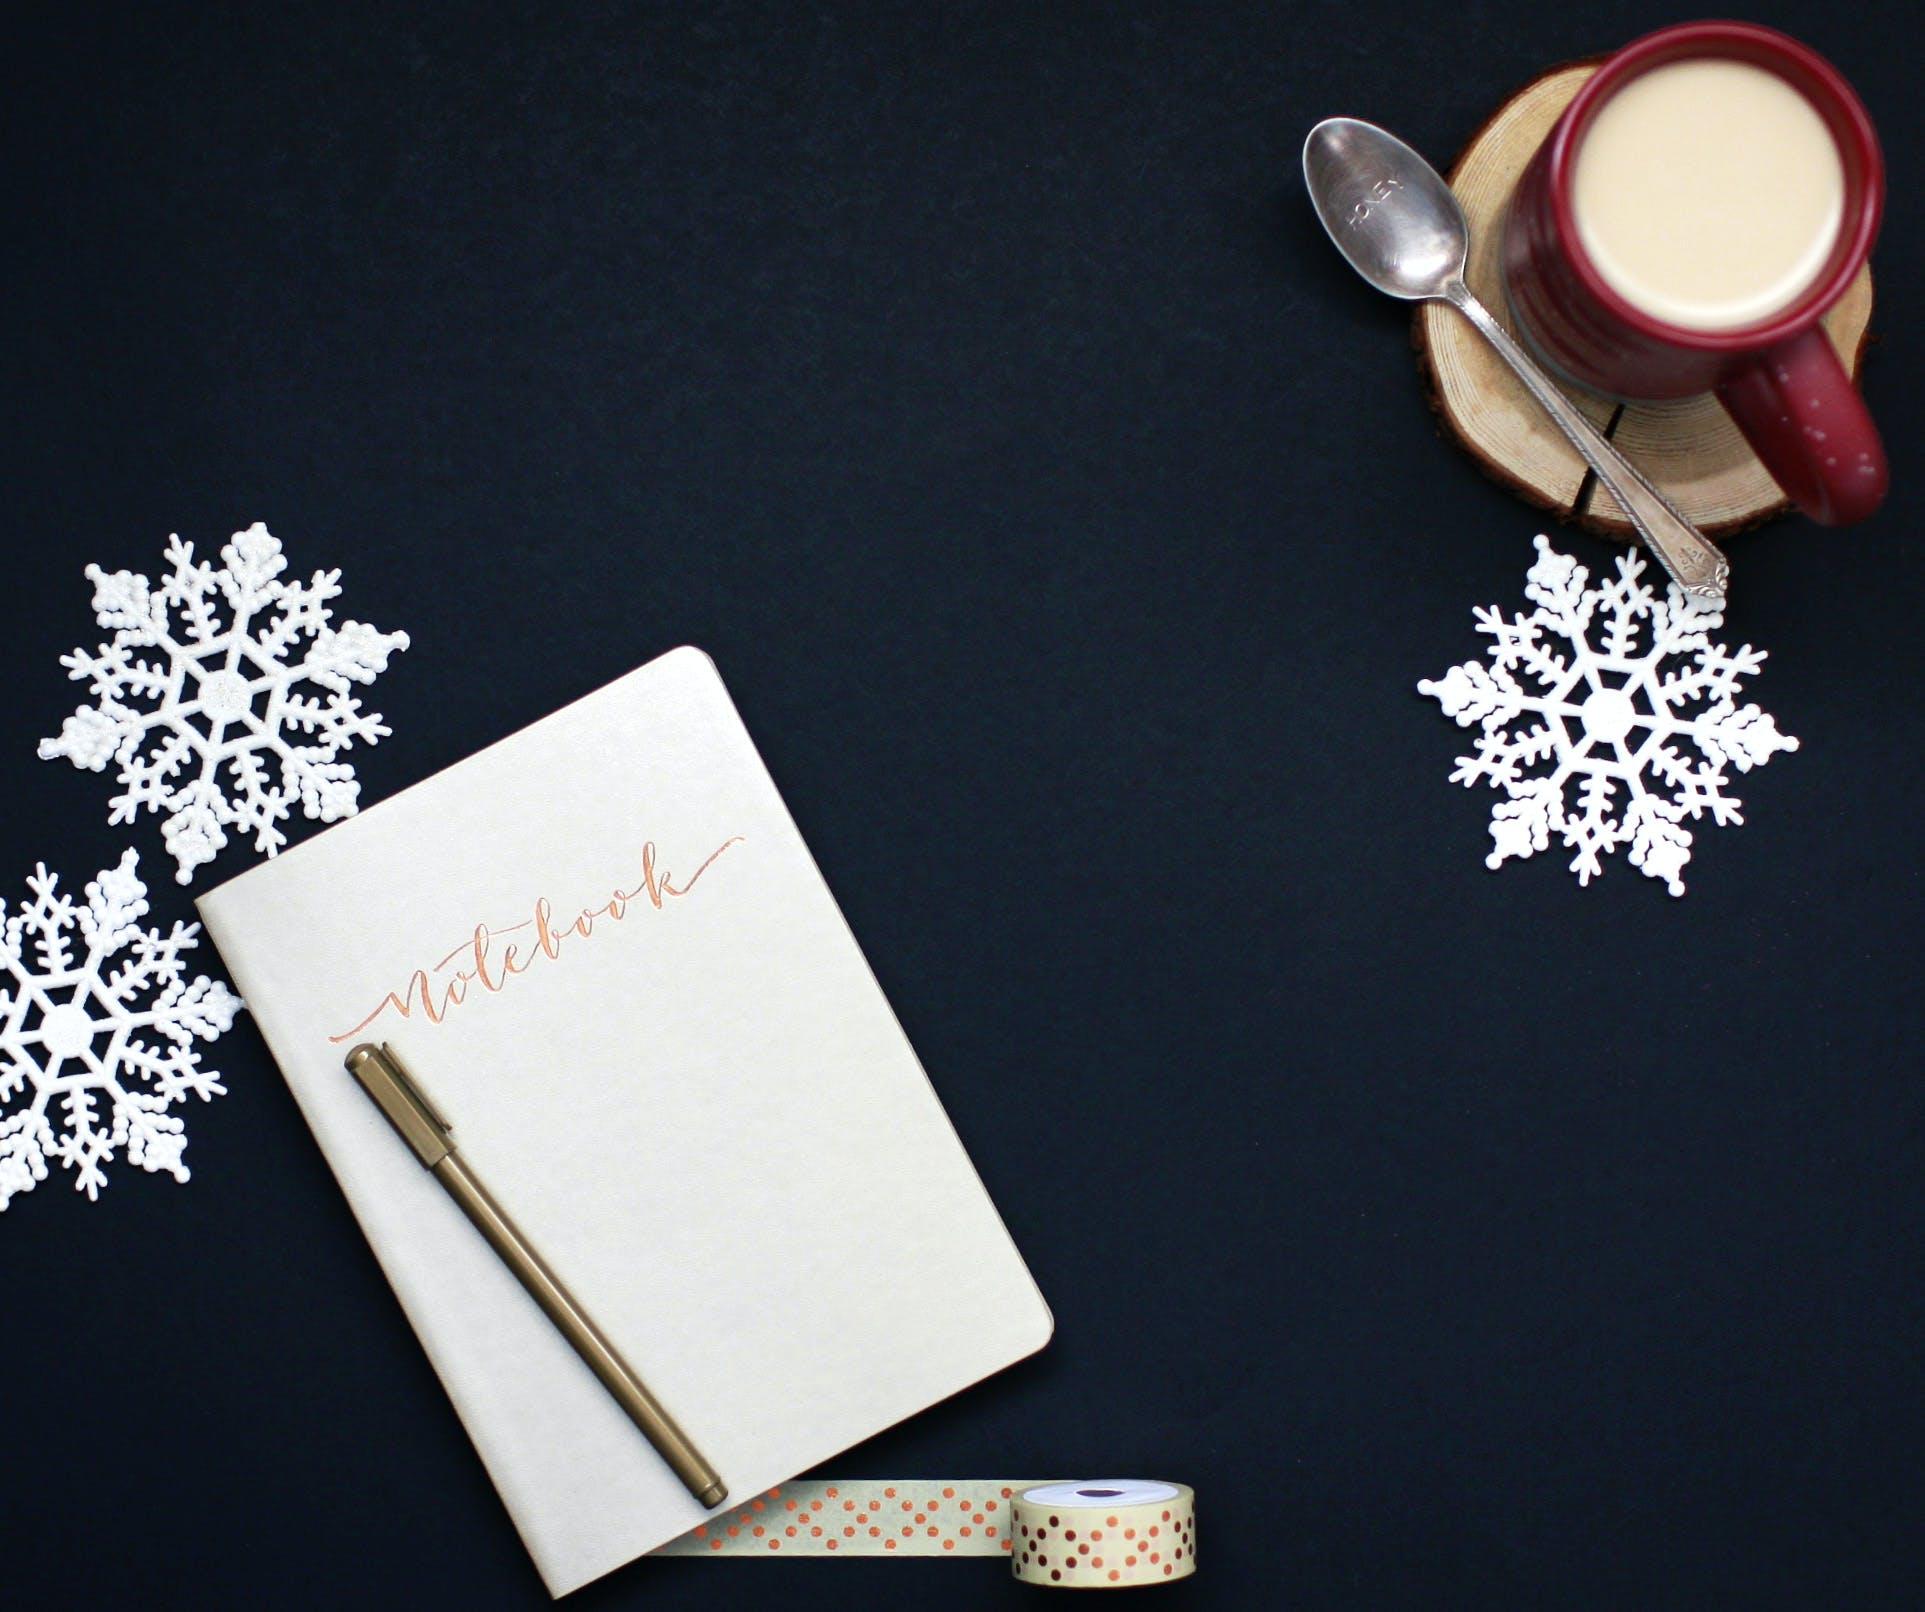 Foto d'estoc gratuïta de boli, cafè, cafeïna, cinta adhesiva